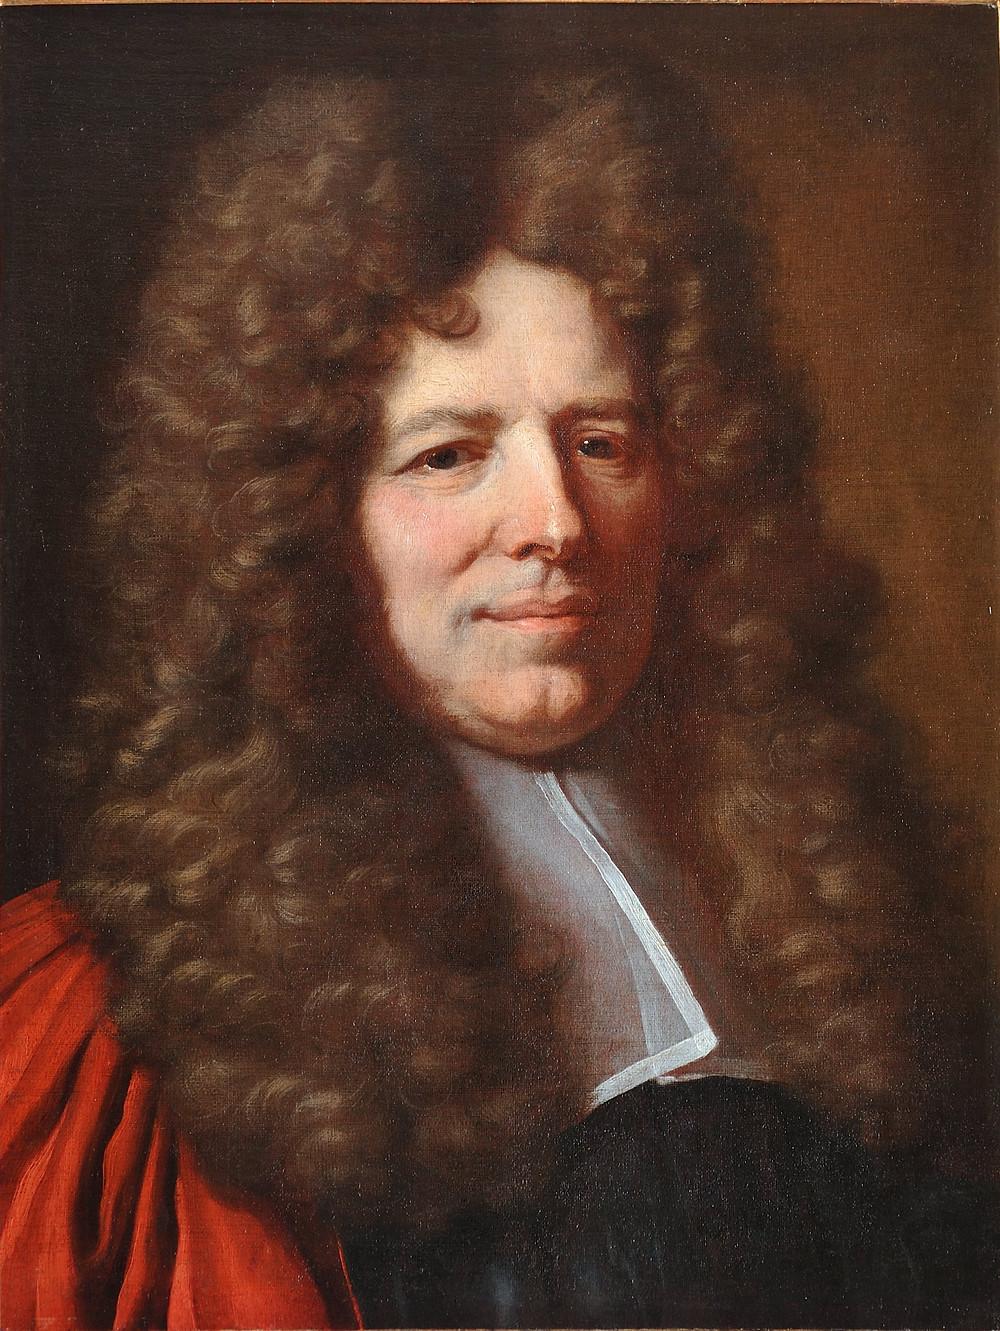 Hyacinthe Rigaud, Portrait de magistrat inconnu, vers 1690-1695, collection particulière